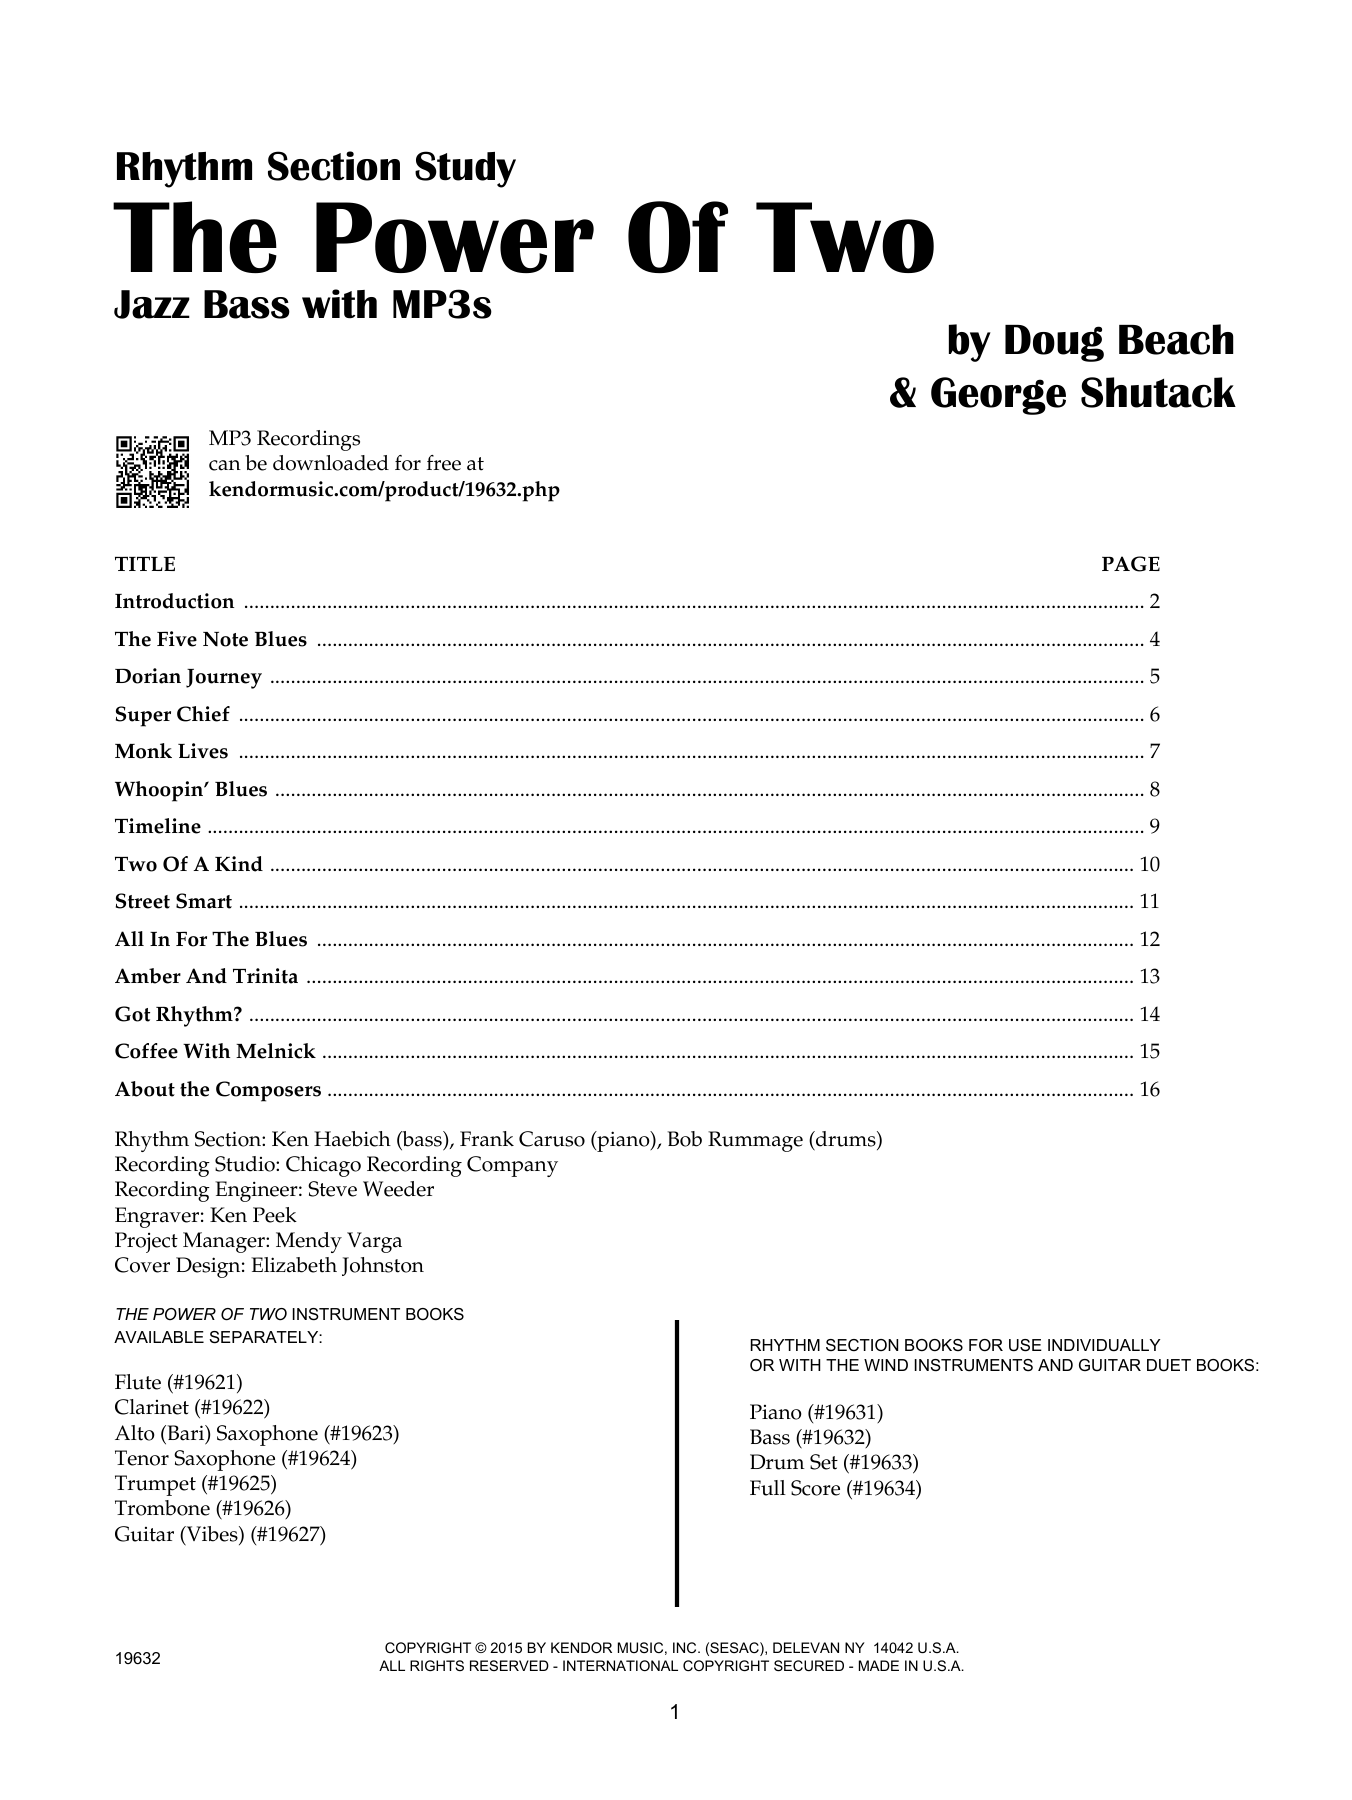 The Power Of Two - Bass - Bass Sheet Music